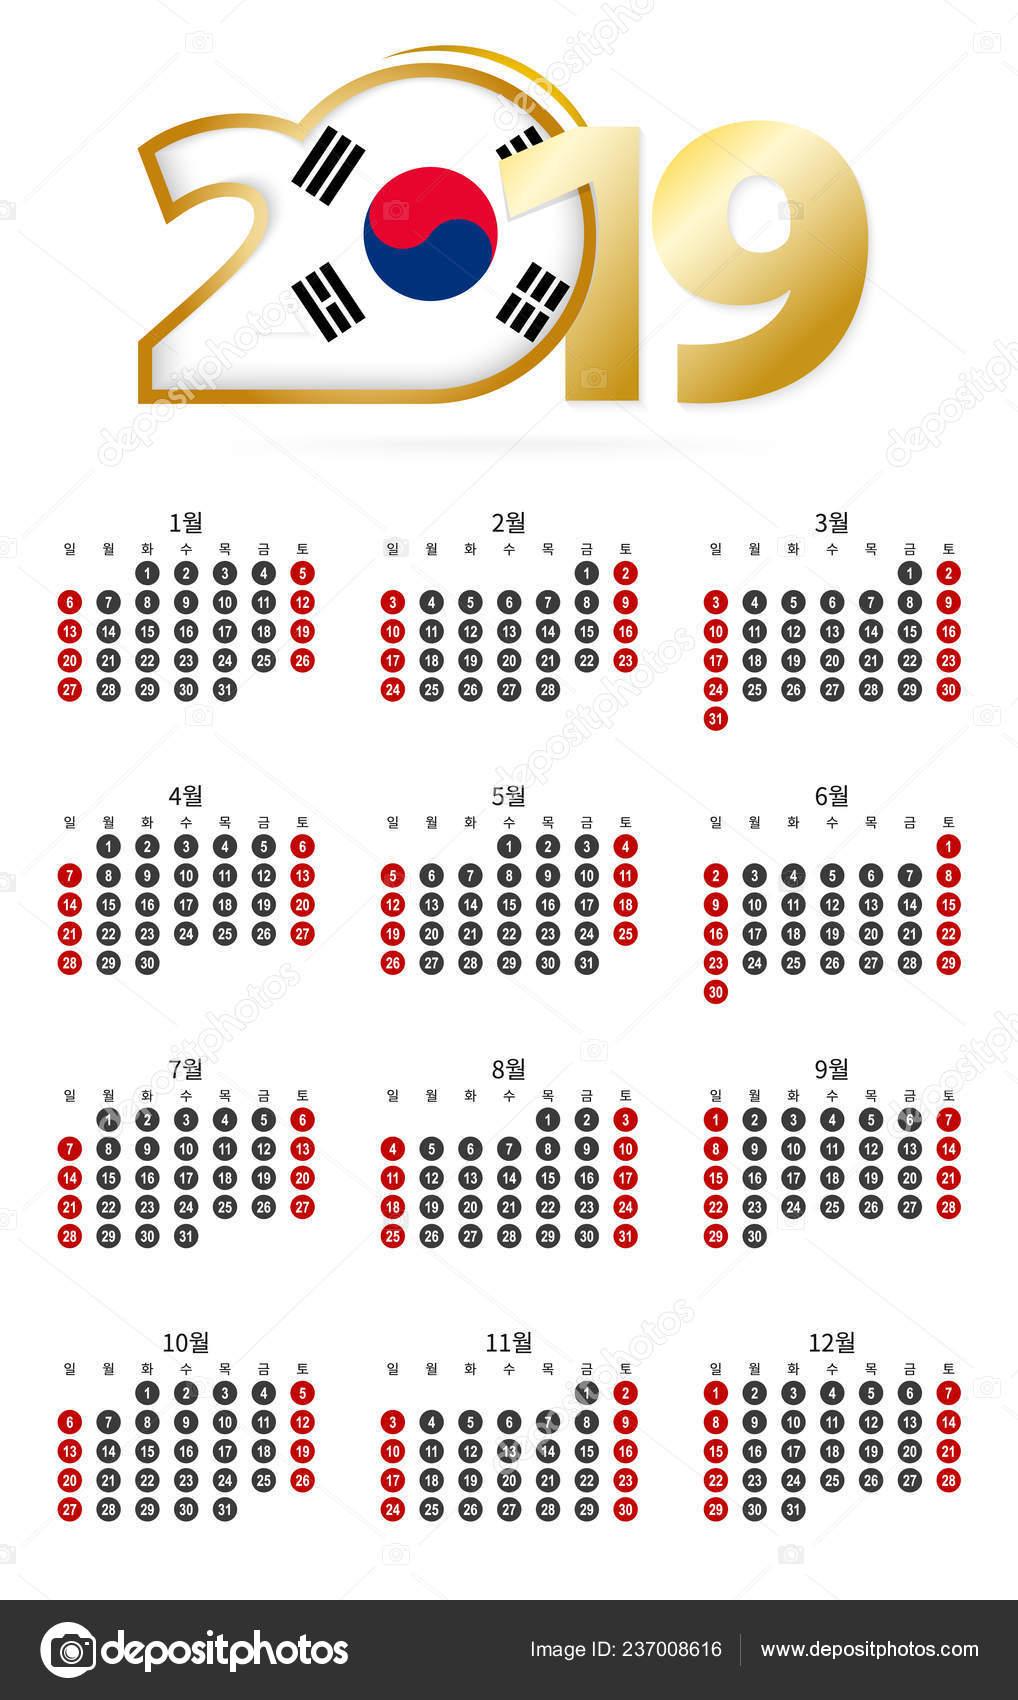 Calendario Numero Settimana 2019.Calendario Coreano 2019 Con Numeri Nei Cerchi Settimana